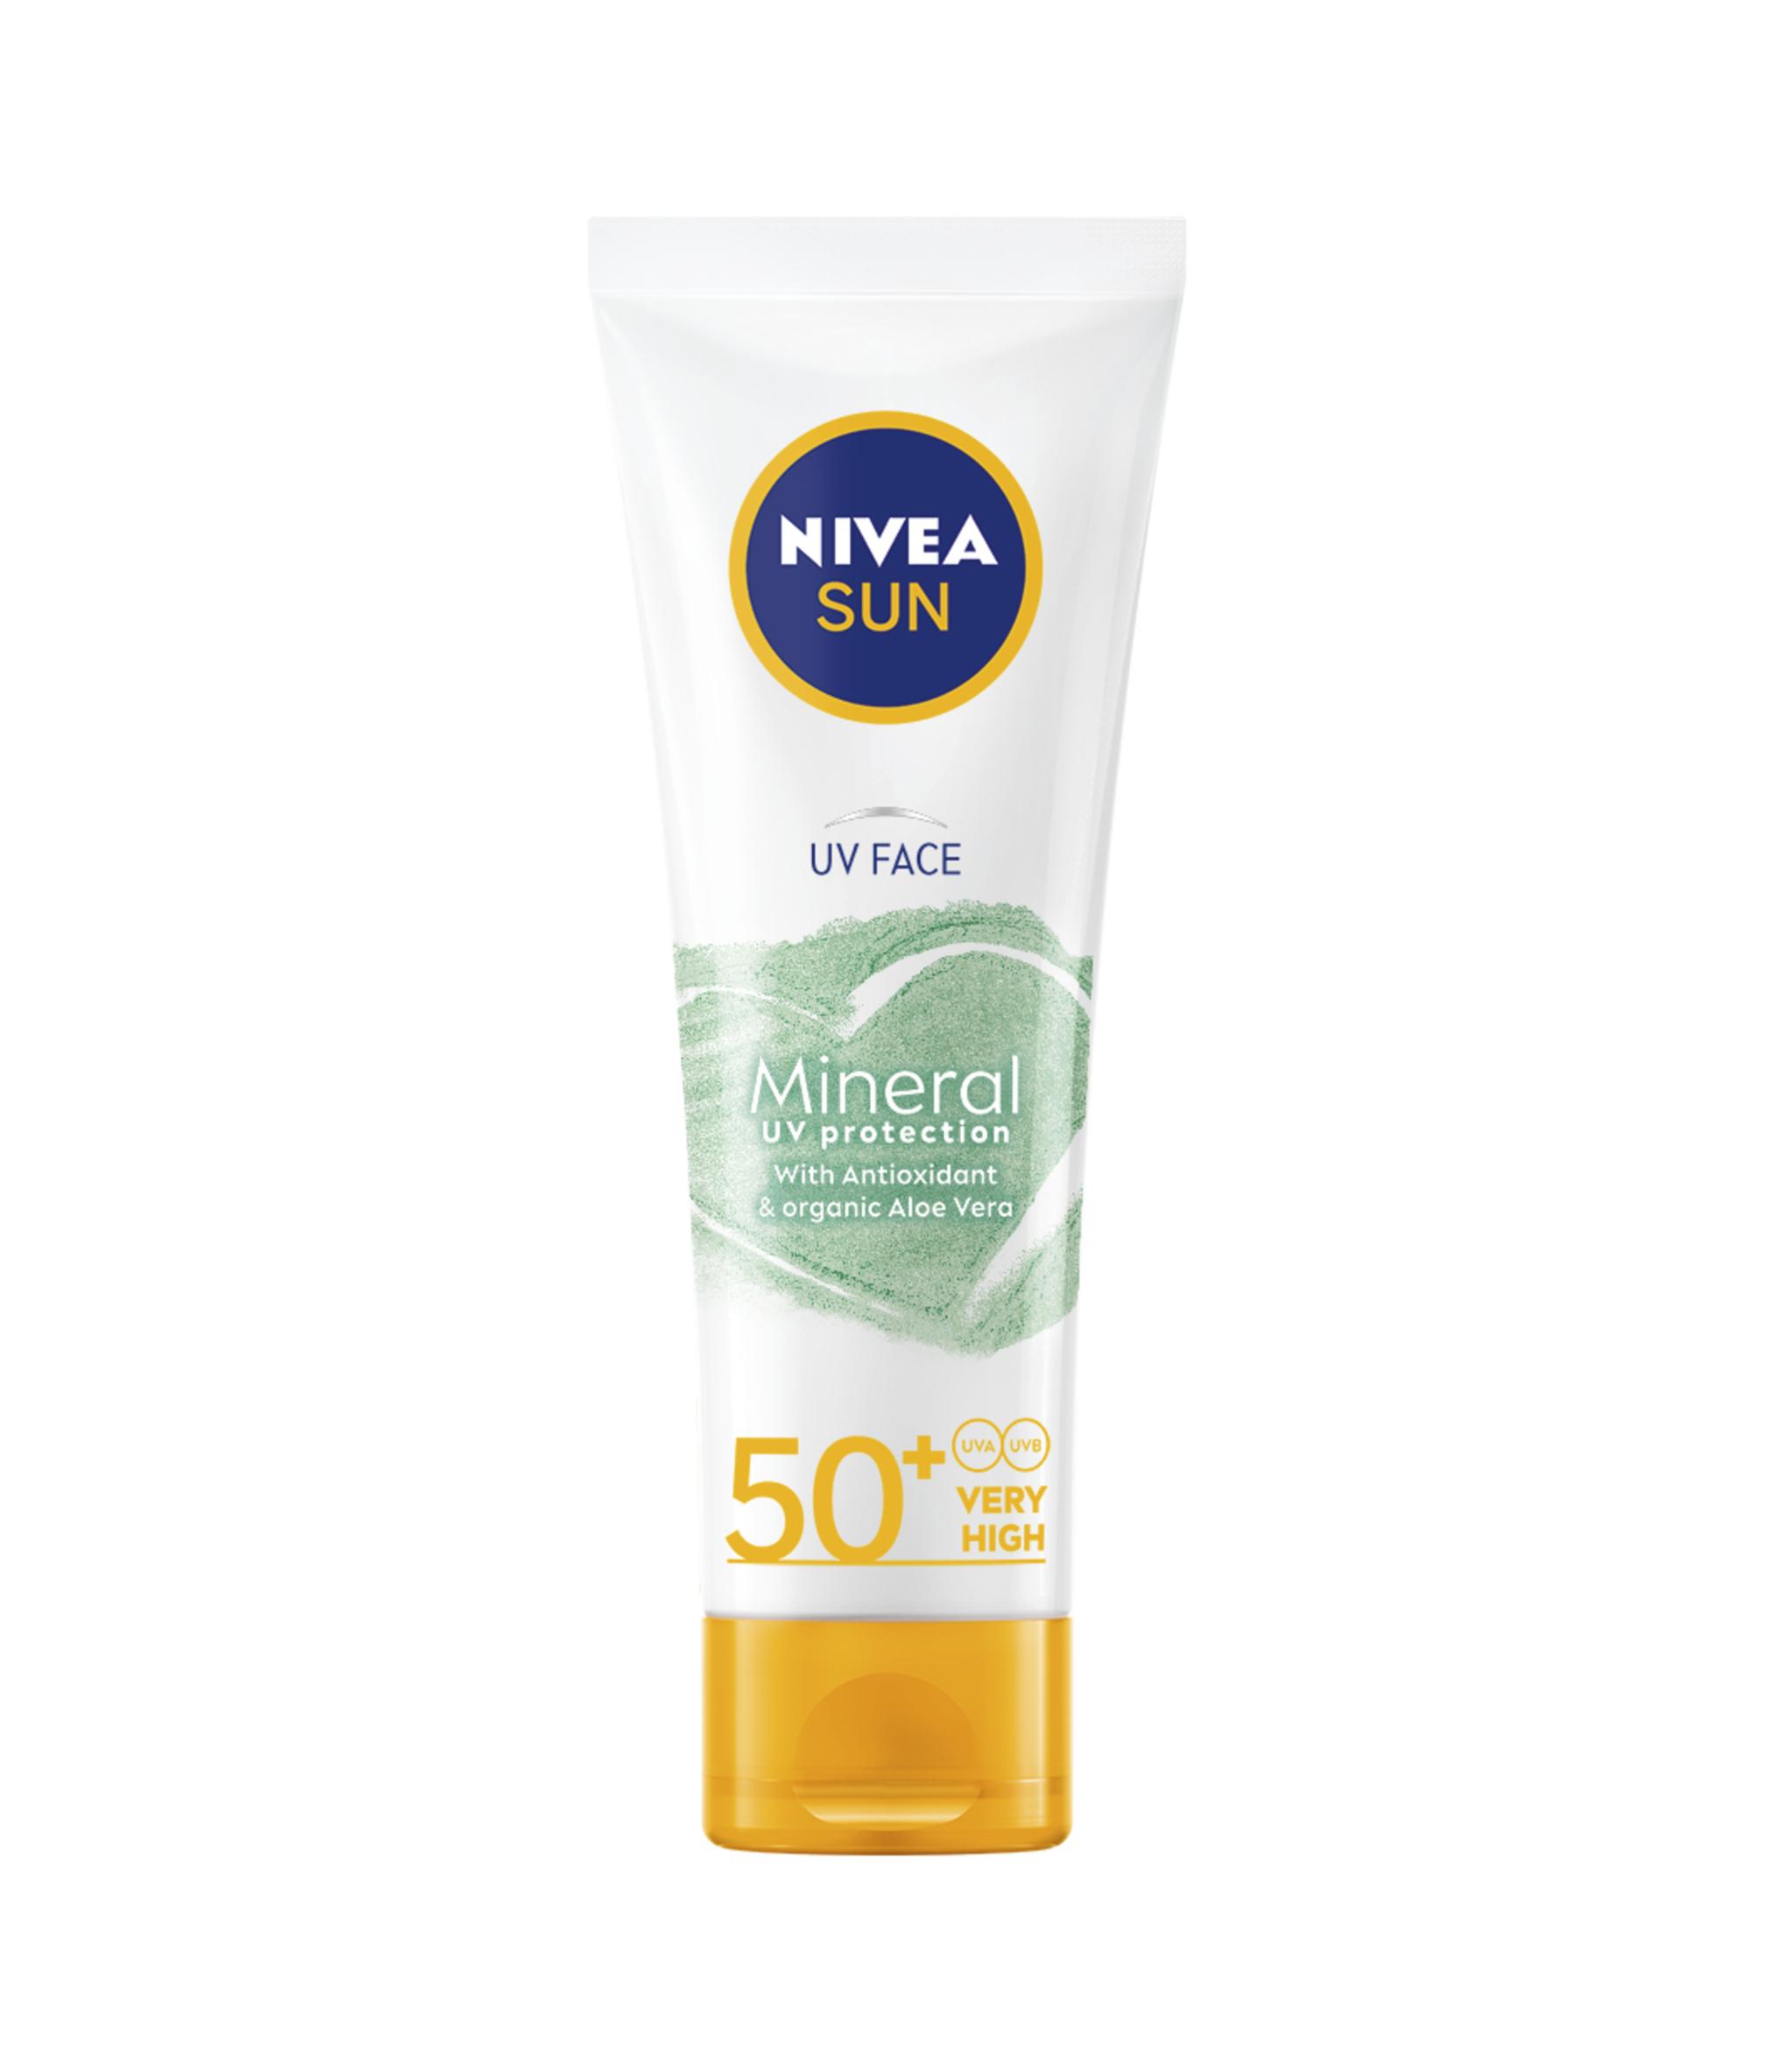 2. Fysikaalinen ja mineraalipohjainen aurinkovoide suojaa tehokkaasti ihoa vahingoittumiselta ja ennenaikaiselta ikääntymiseltä. Nivea Sun UV Face Mineral Mineral UV Protection SPF 50+ -aurinkovoide kasvoille. Noin 14,65 €/50 ML.